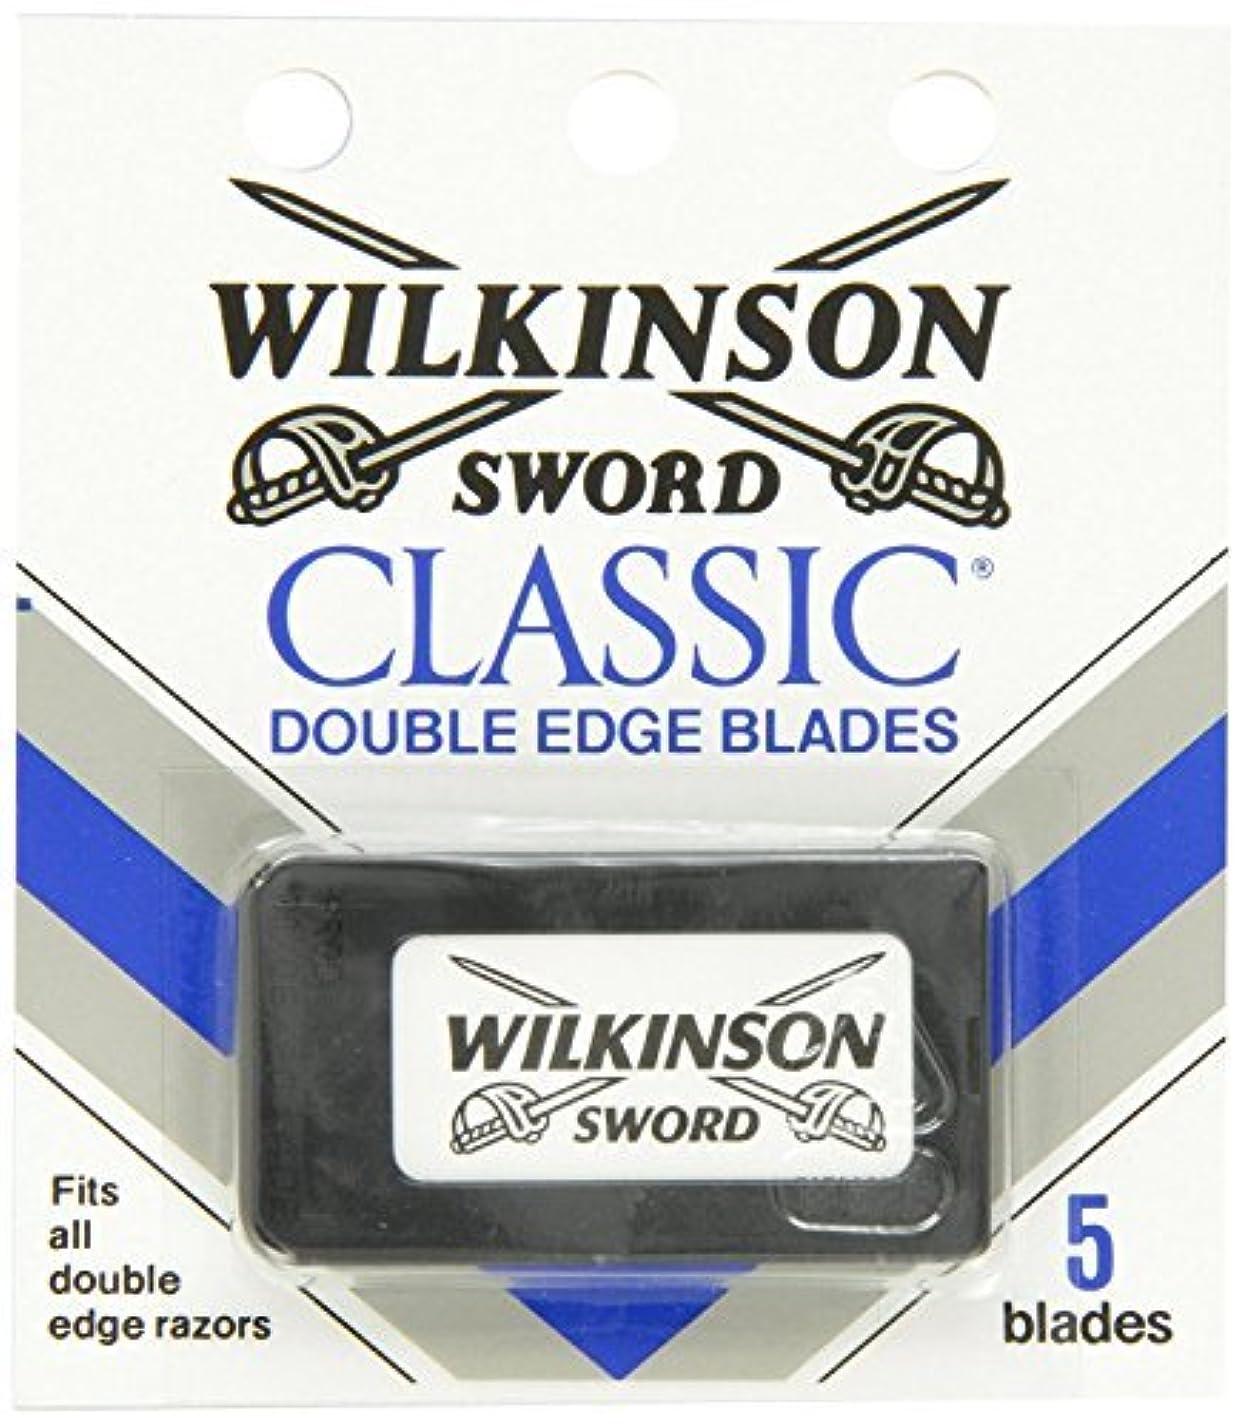 事前マスク家畜ウィルキンソン ソード (Wilkinson Sword) ドイツ製 両刃替刃 5枚 [並行輸入品]